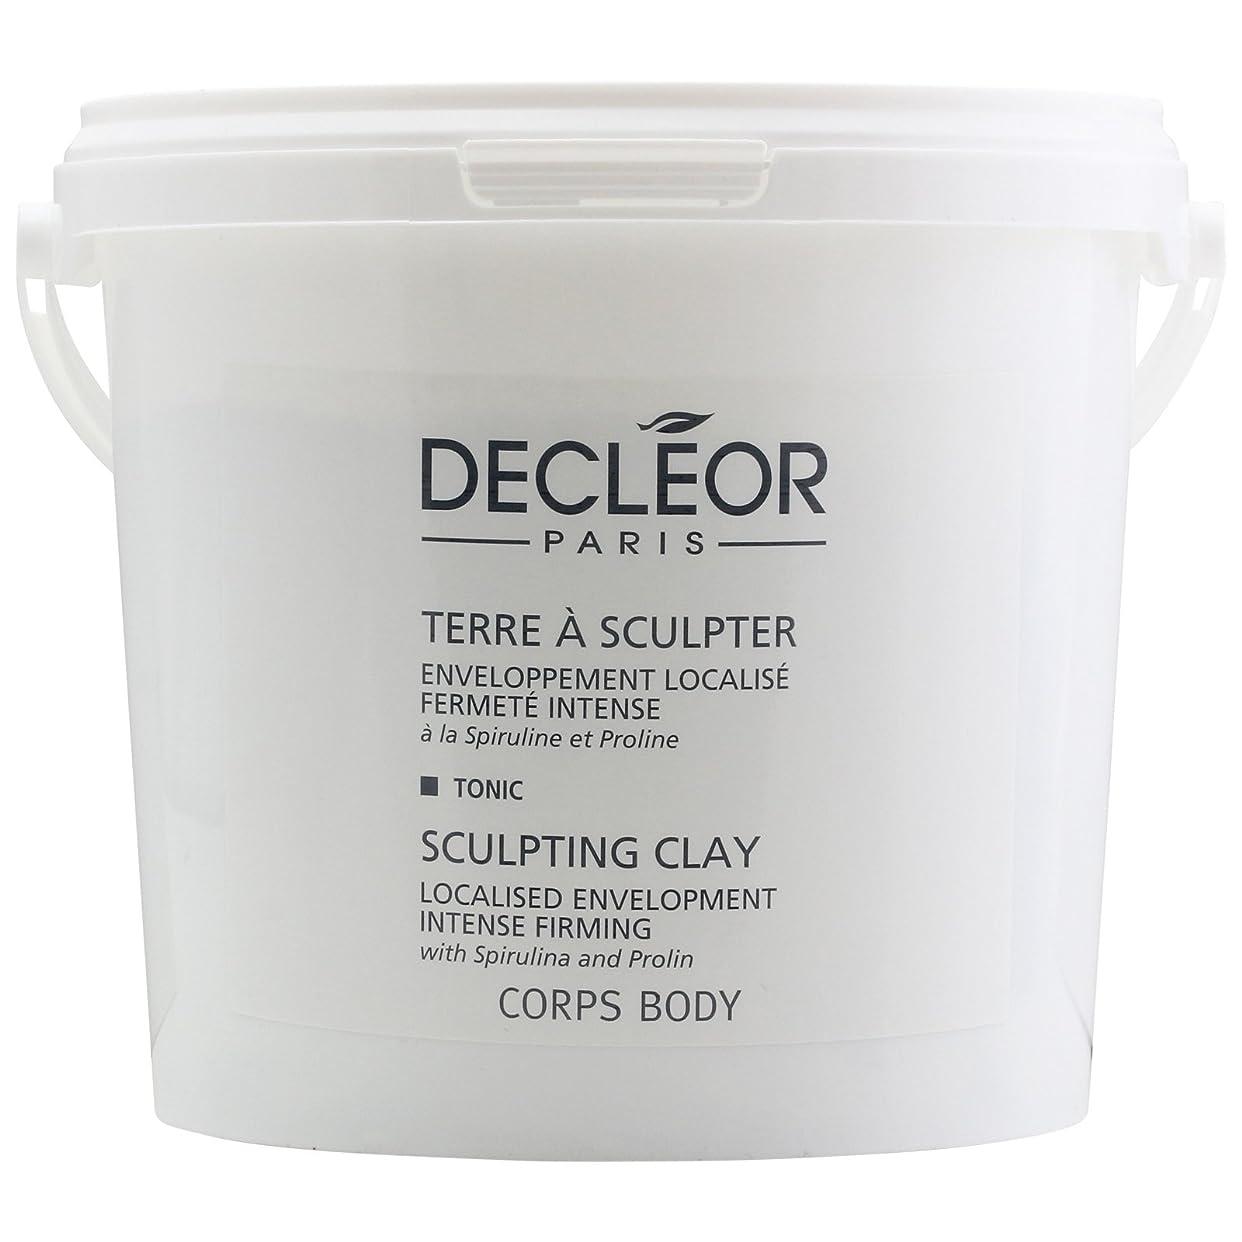 メタルライン達成可能モニカSculpting Clay Localised Envelopment Intense Firming